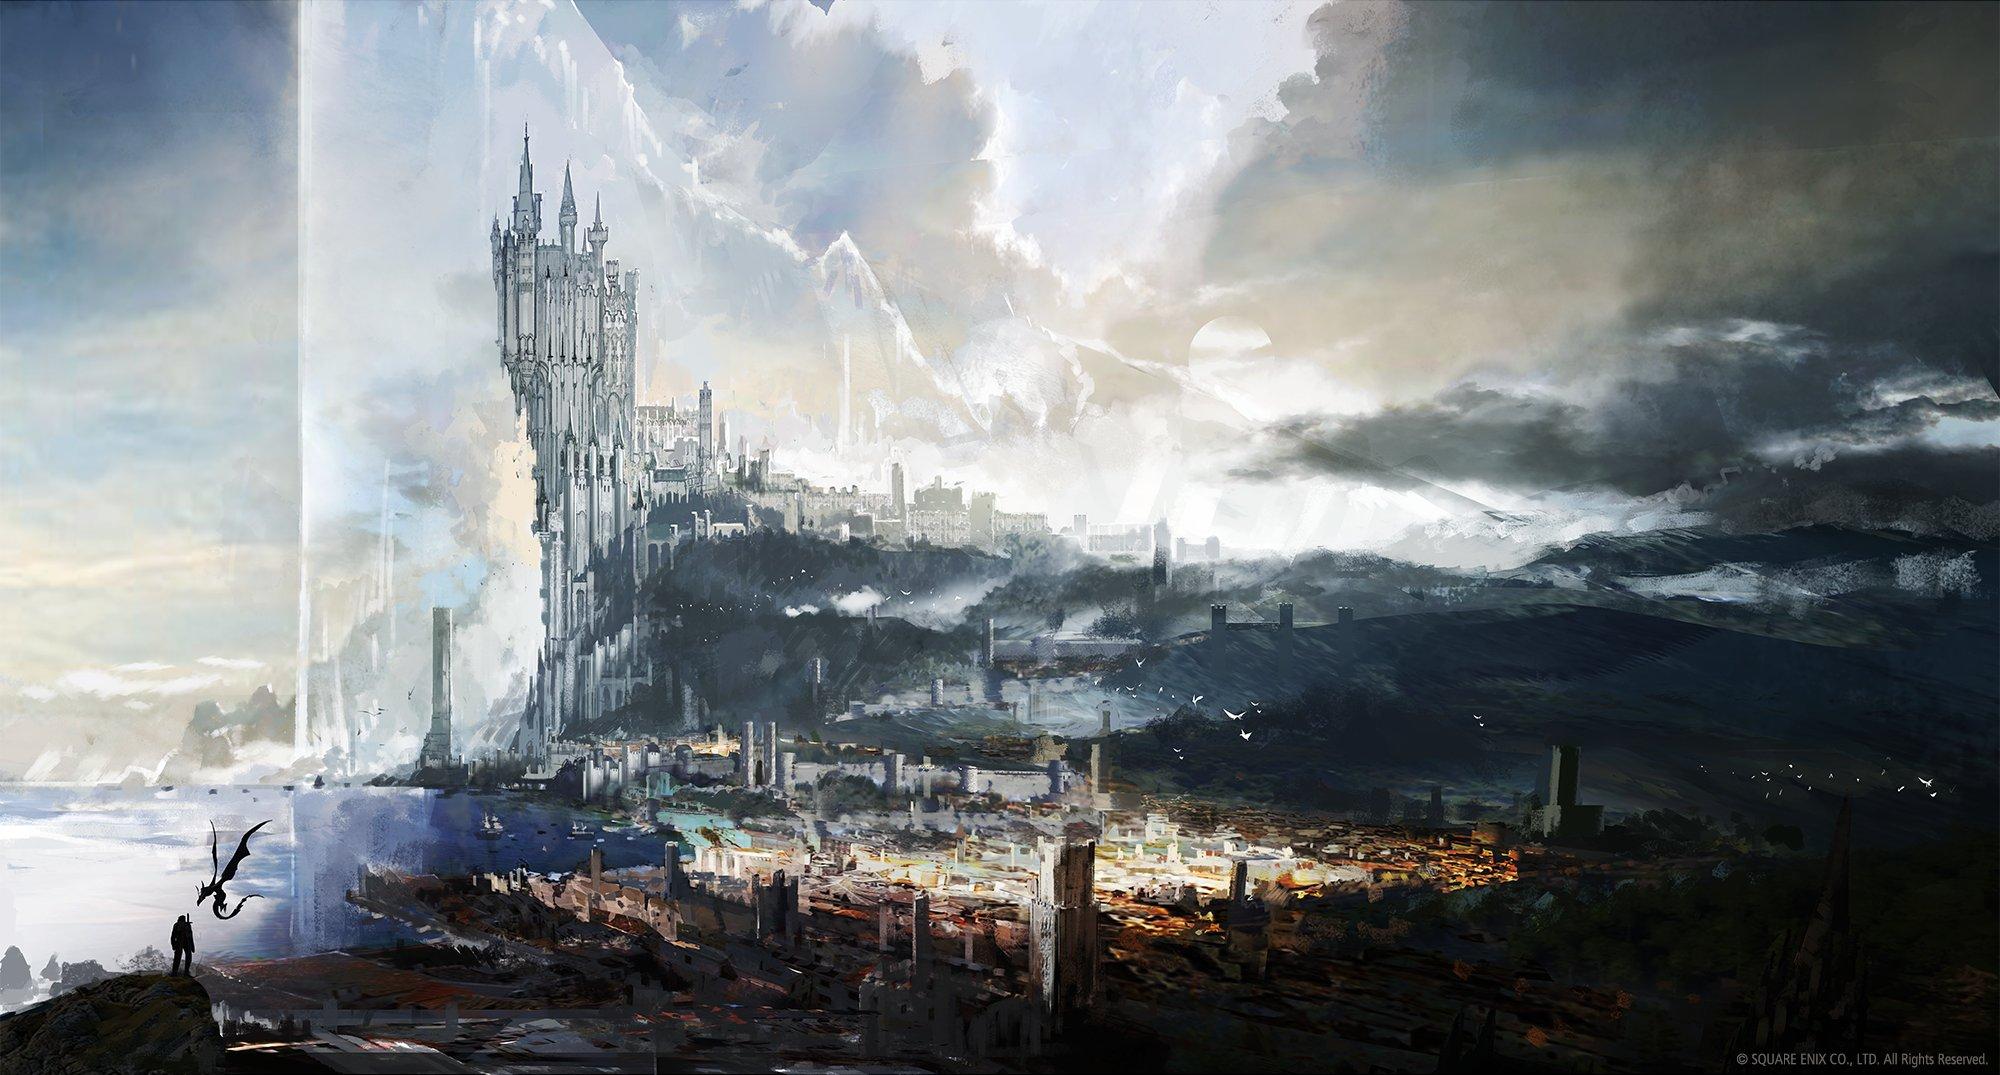 Annunciato Final Fantasy XVI per Playstation 5 e PC!